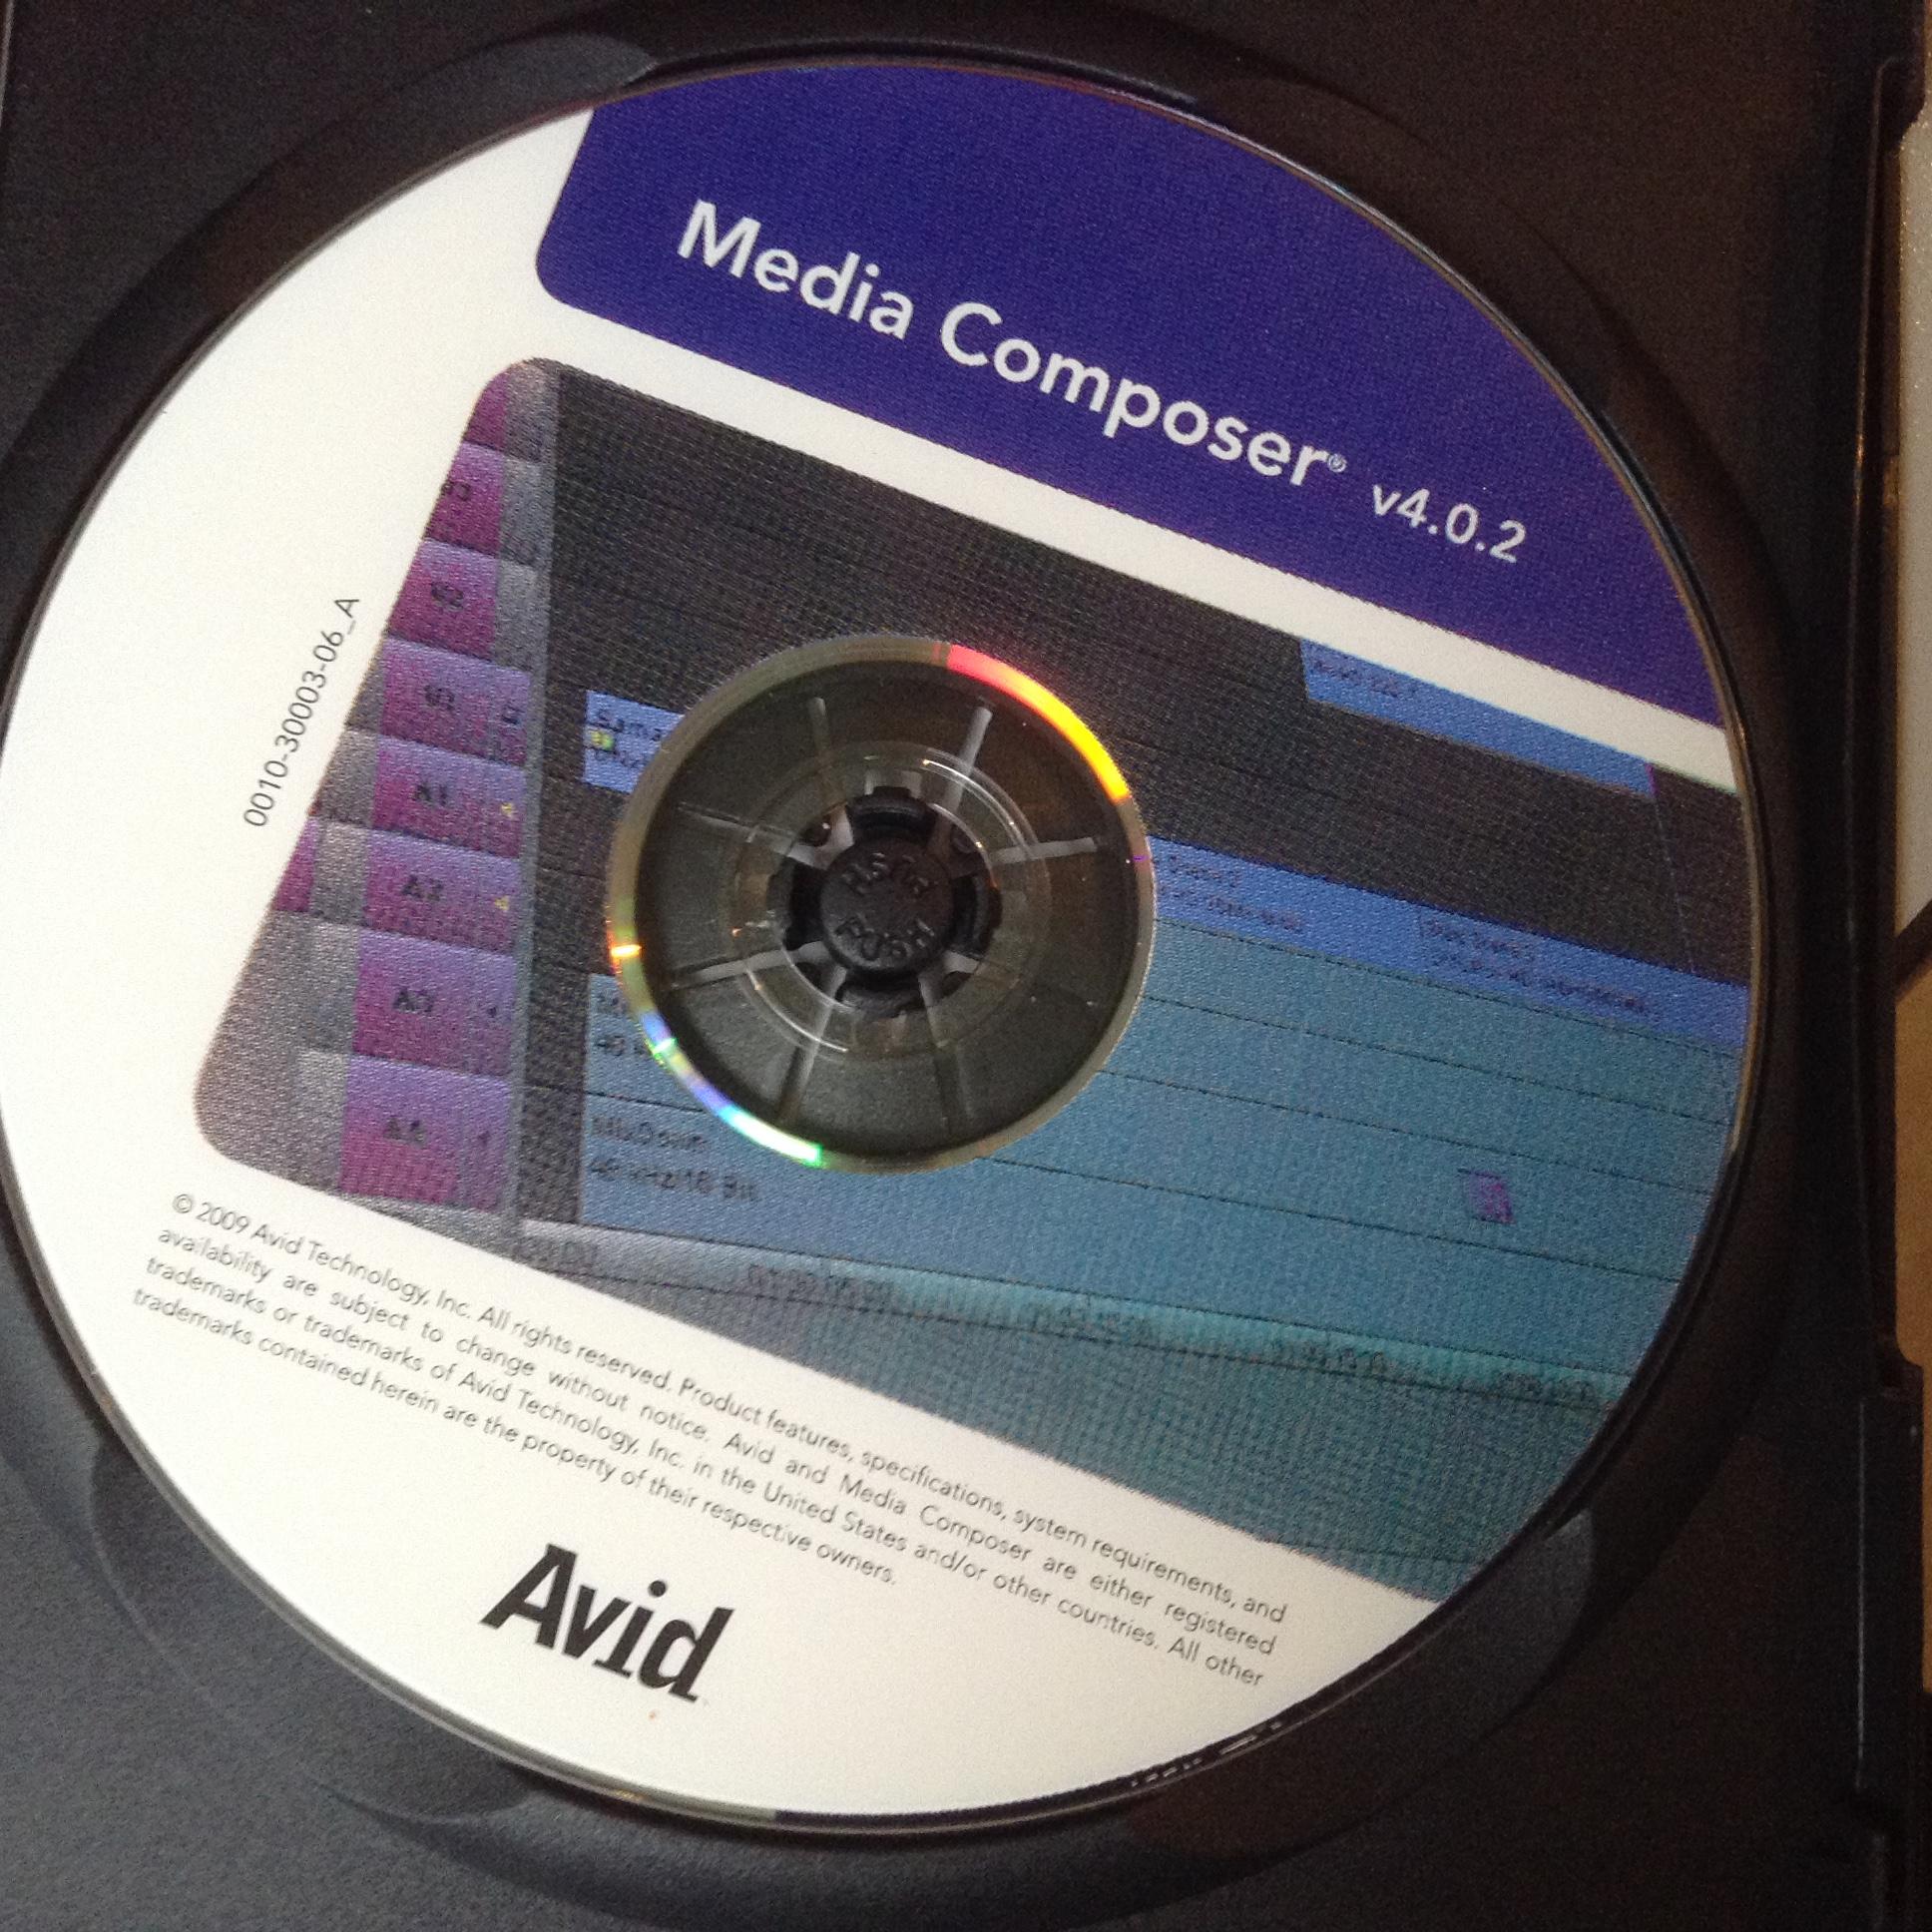 Media composer 8.8.1